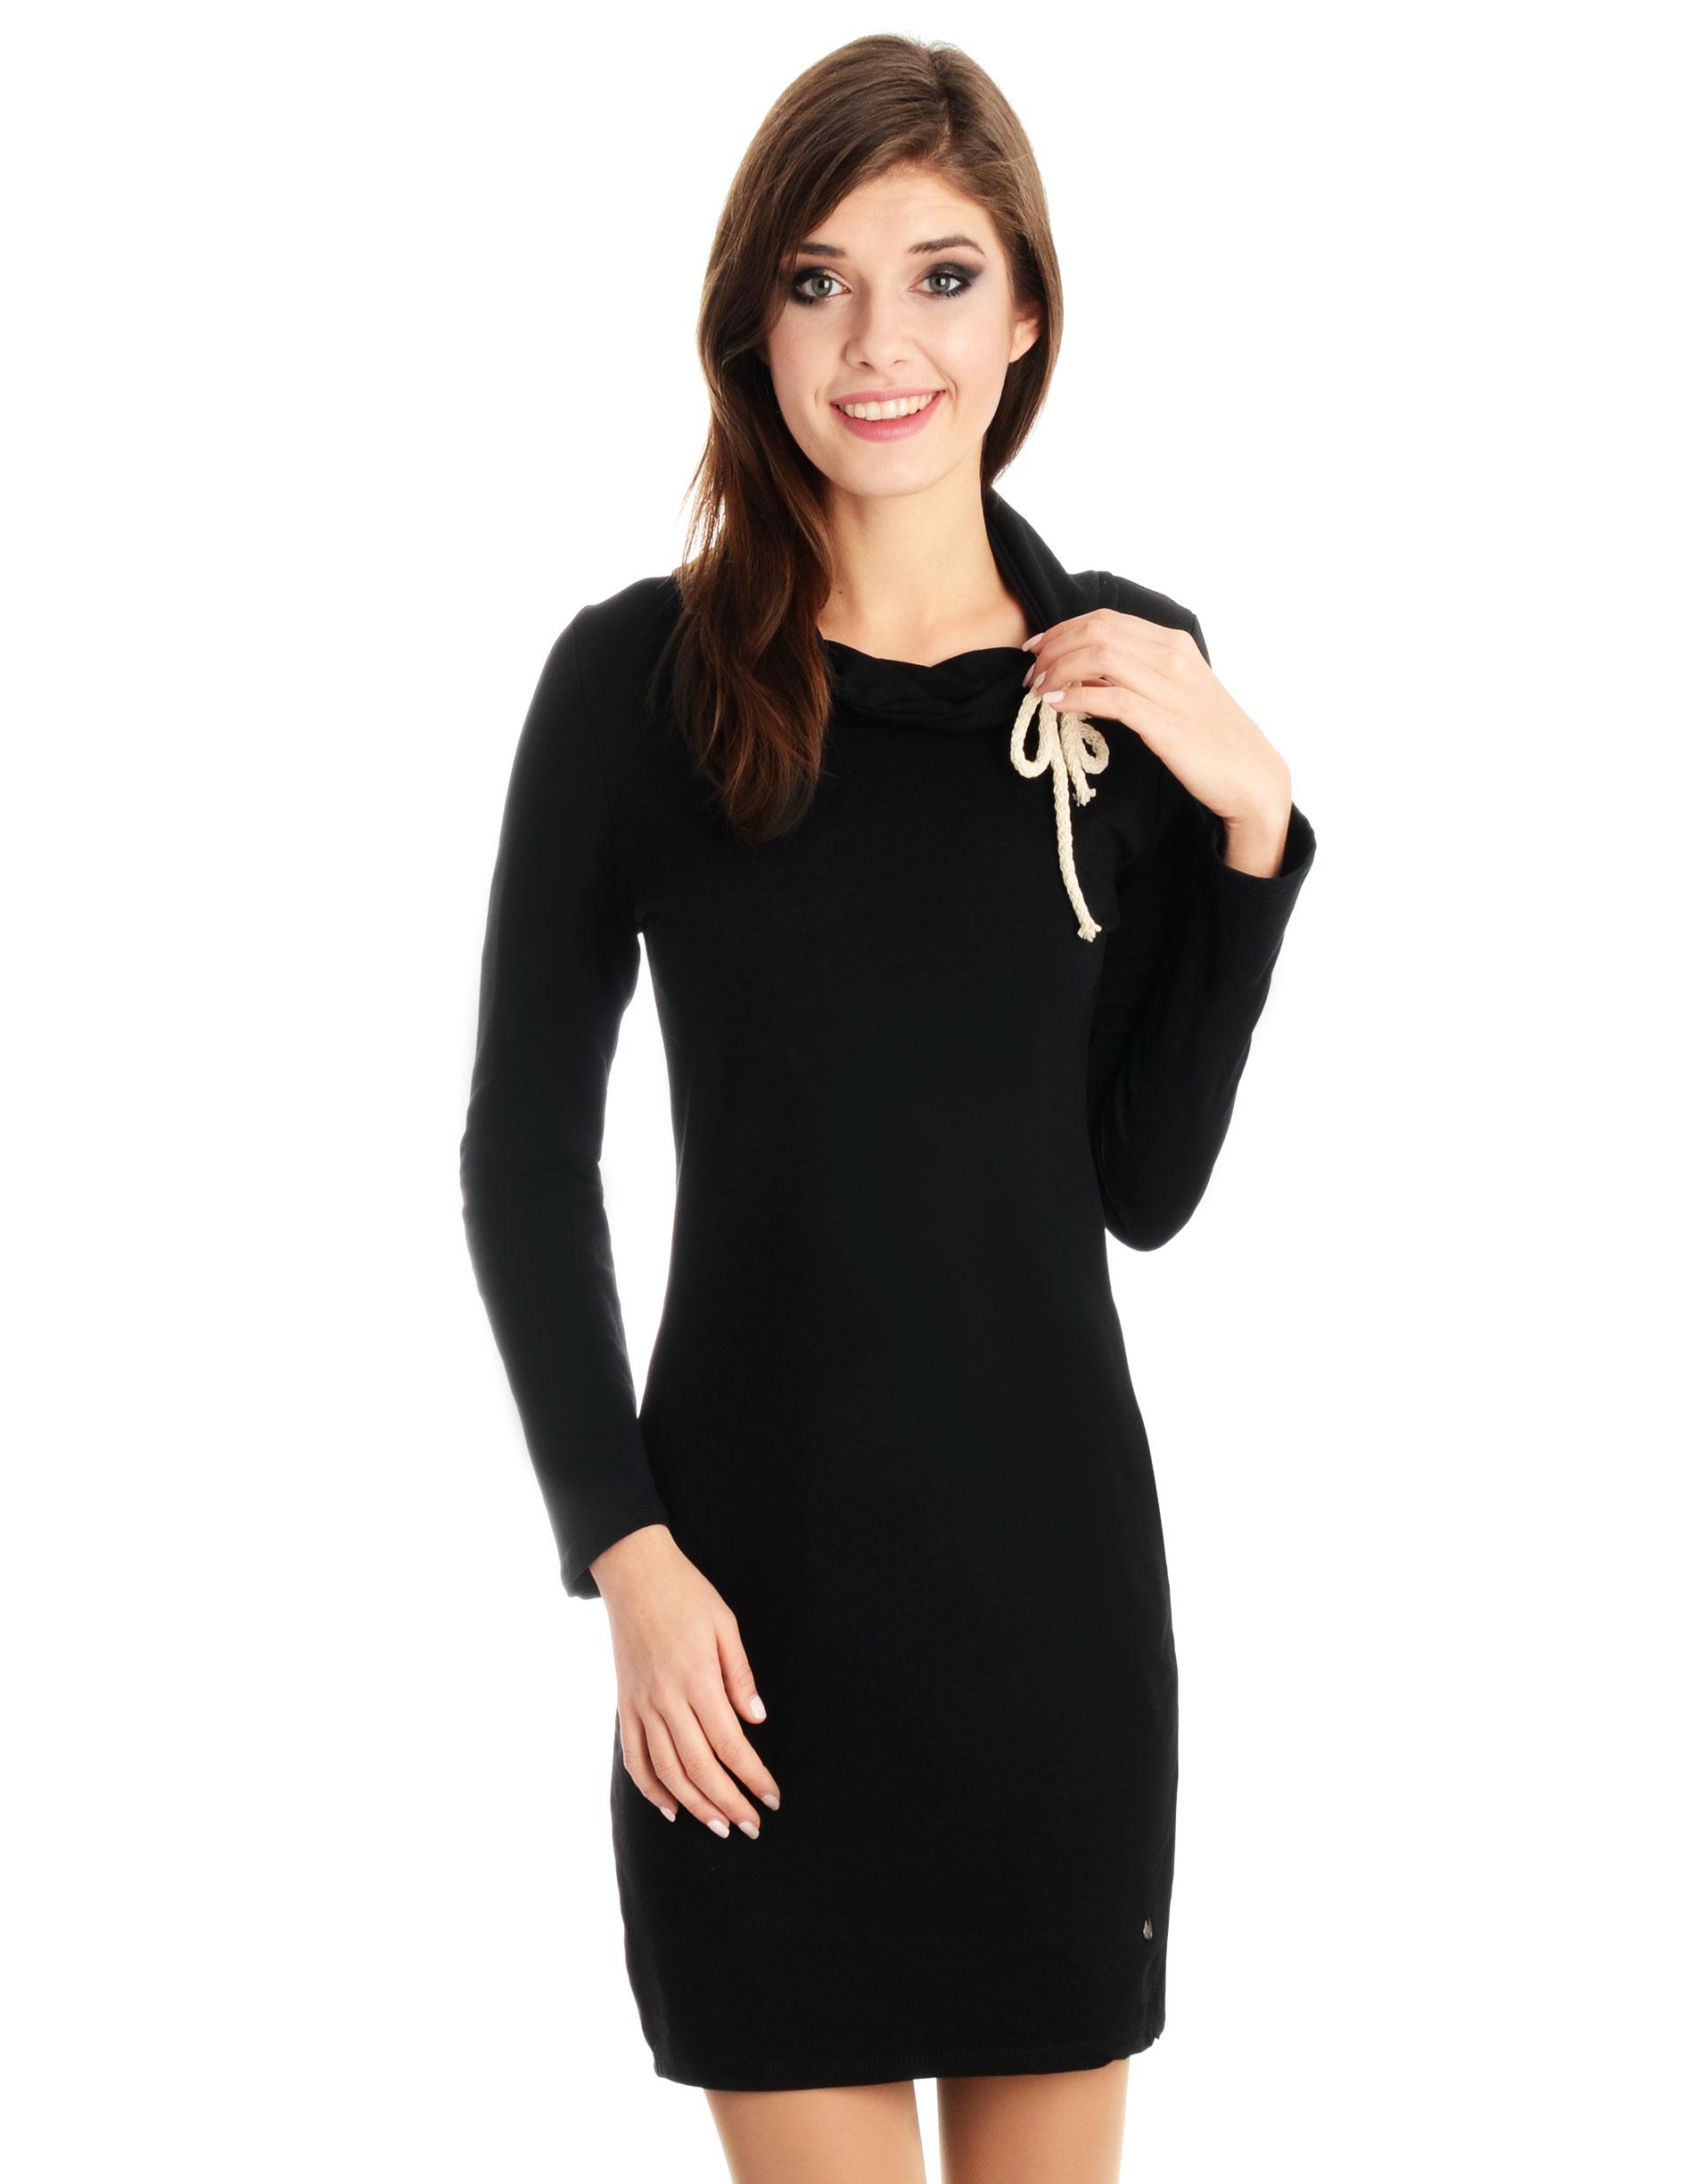 Sukienka - 22-2617 NERO - Unisono